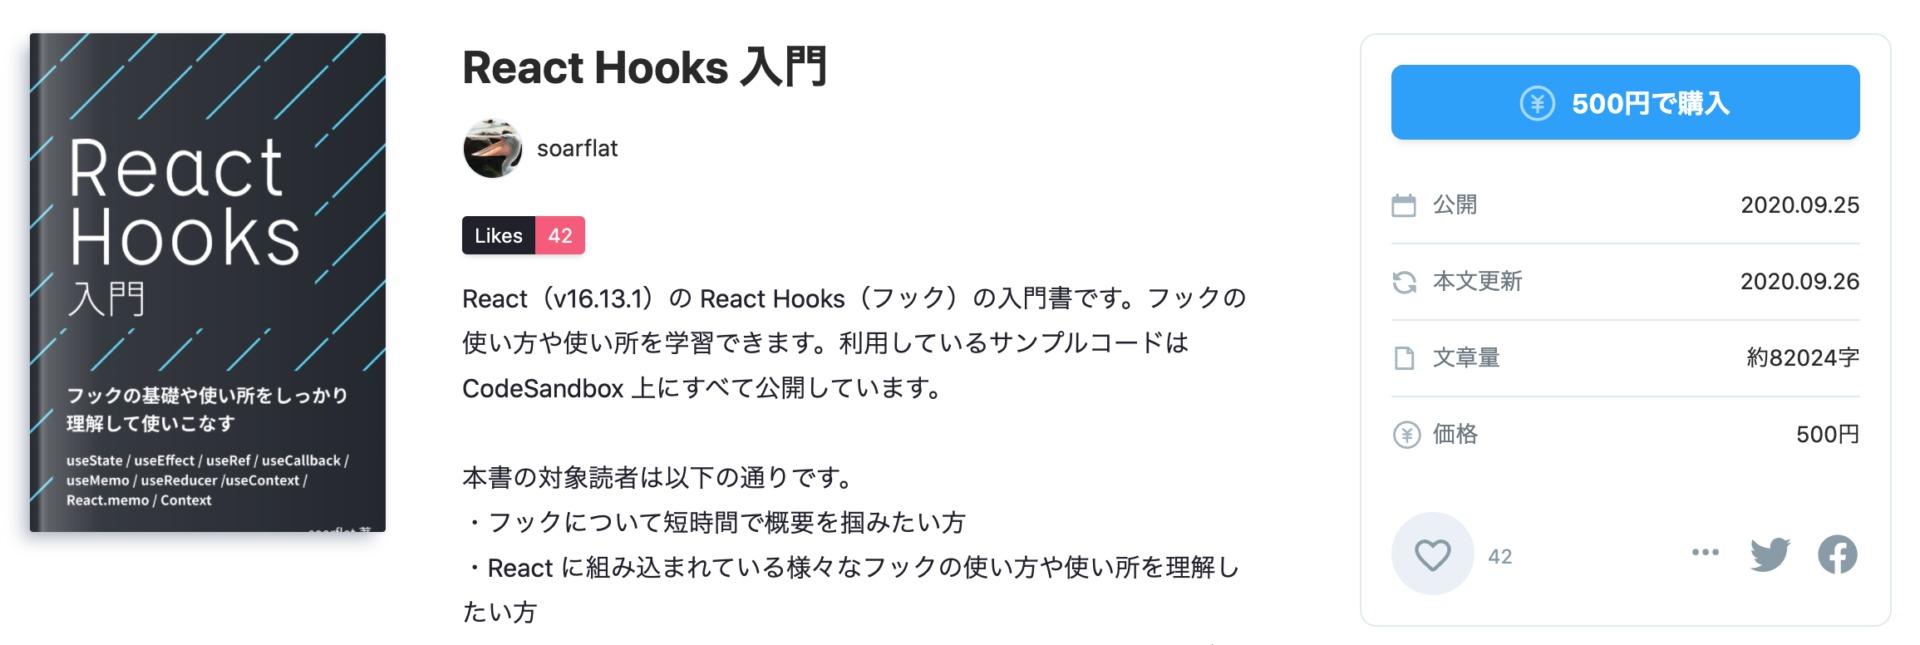 Zennで500円で出版されている本の画像